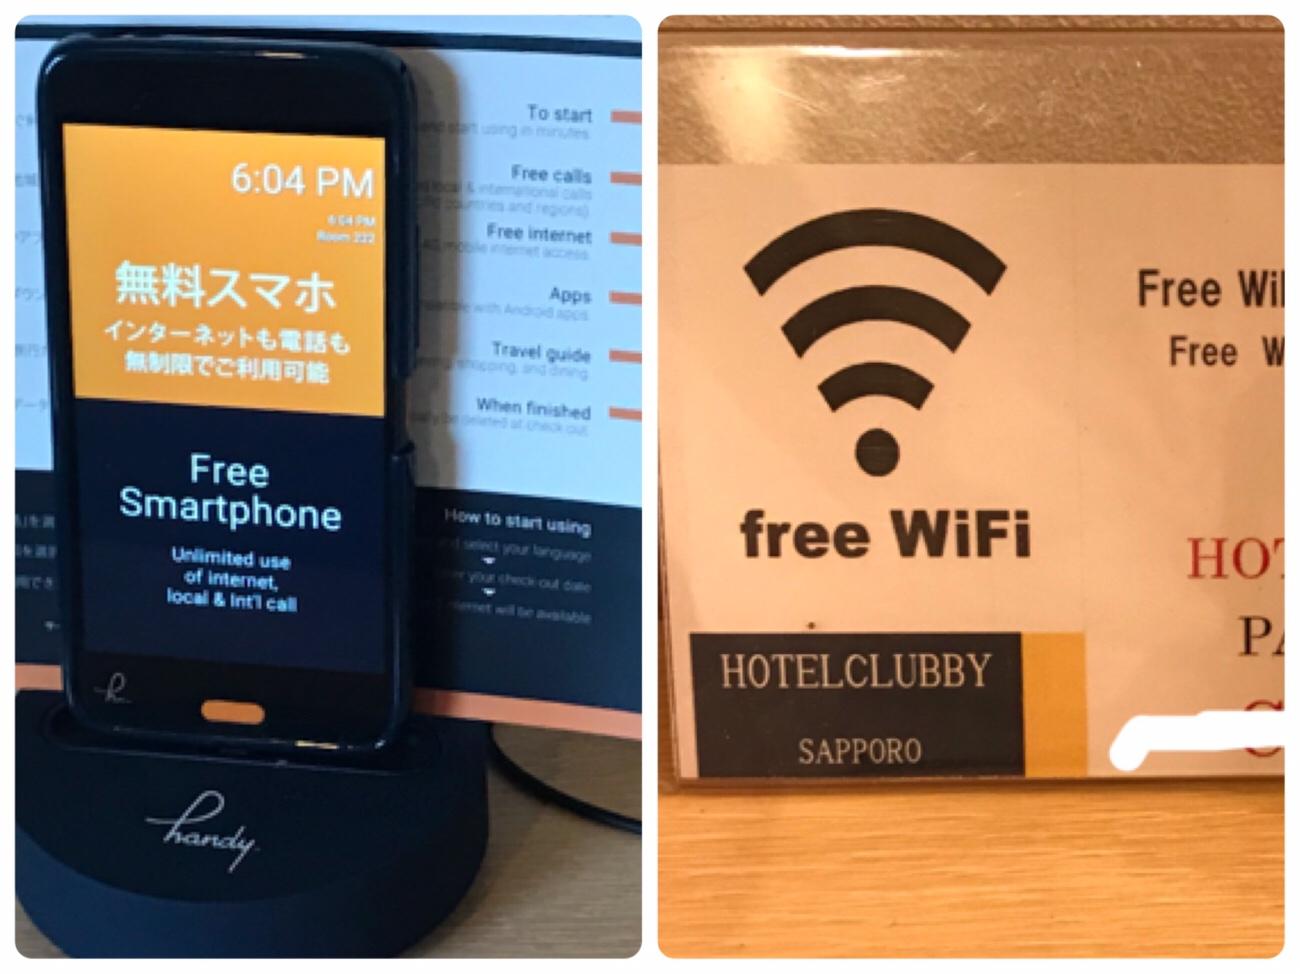 ホテルクラビーサッポロ部屋の無料のWi-Fiと無料のスマホ